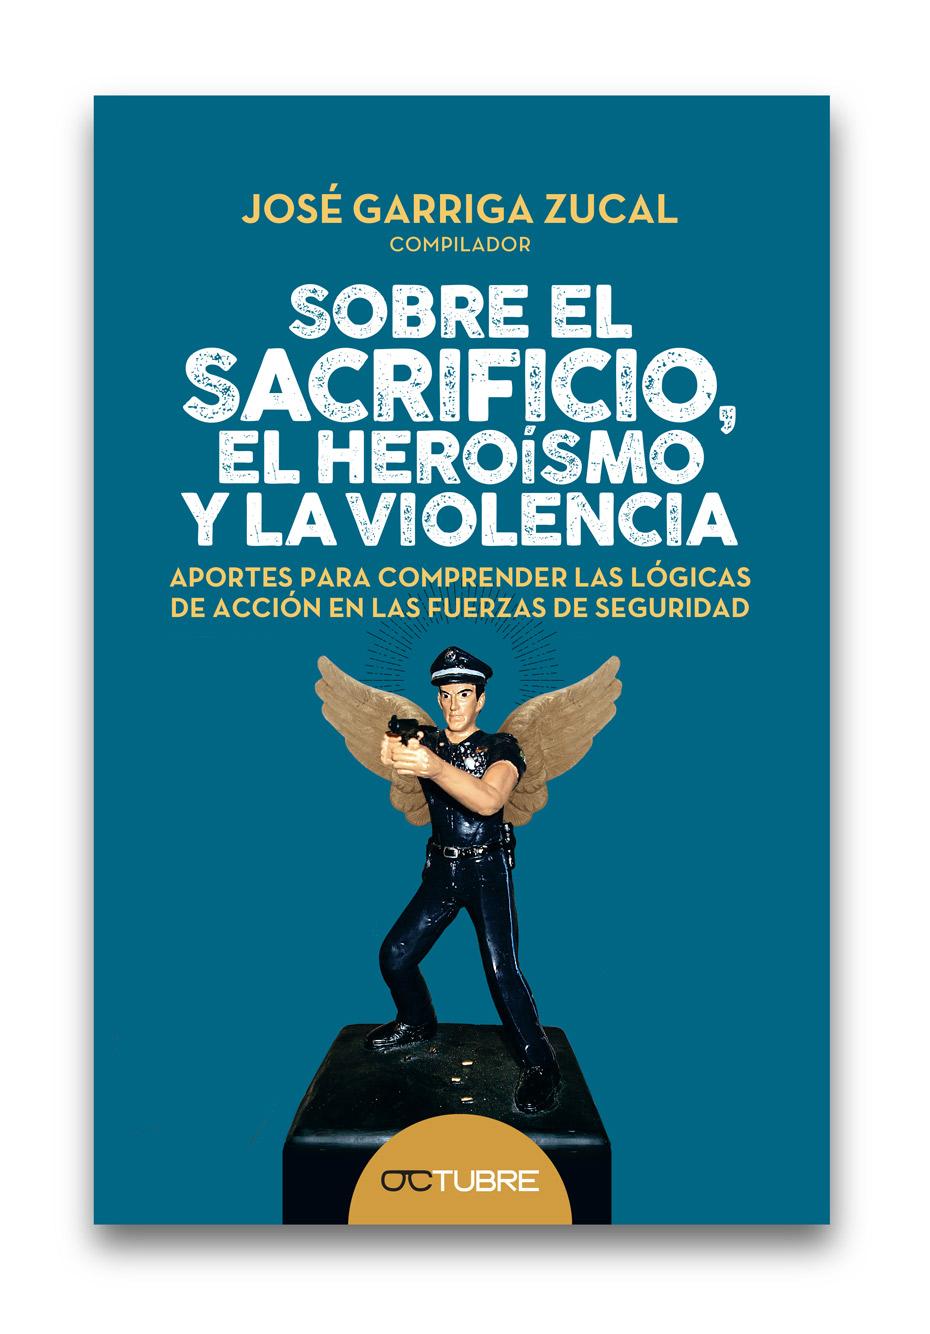 El-heroismo-y-la-policia_02_der